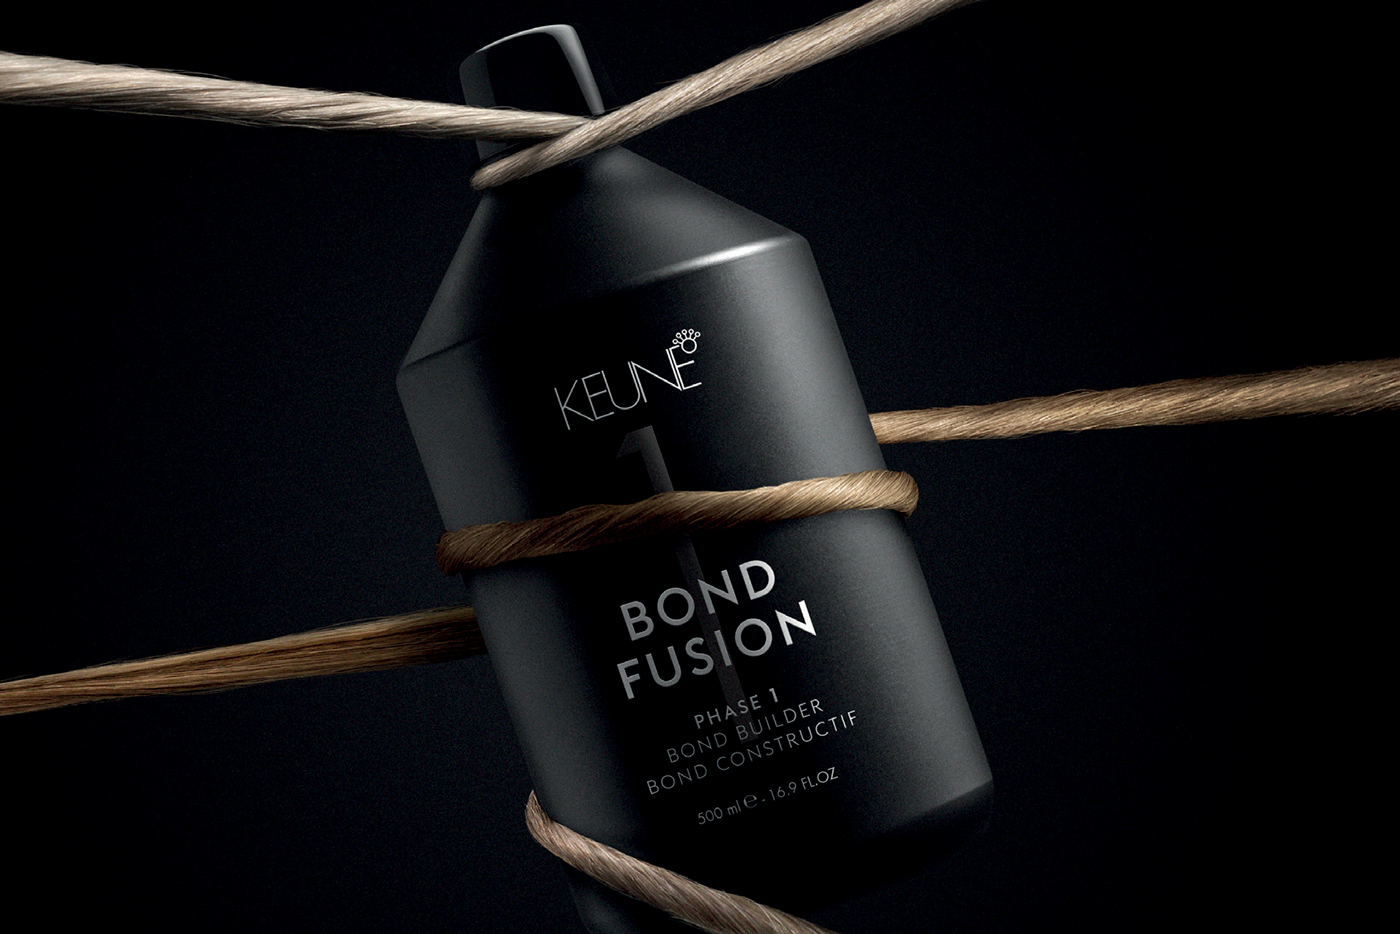 Keune New Bond Fusion Bond Booster